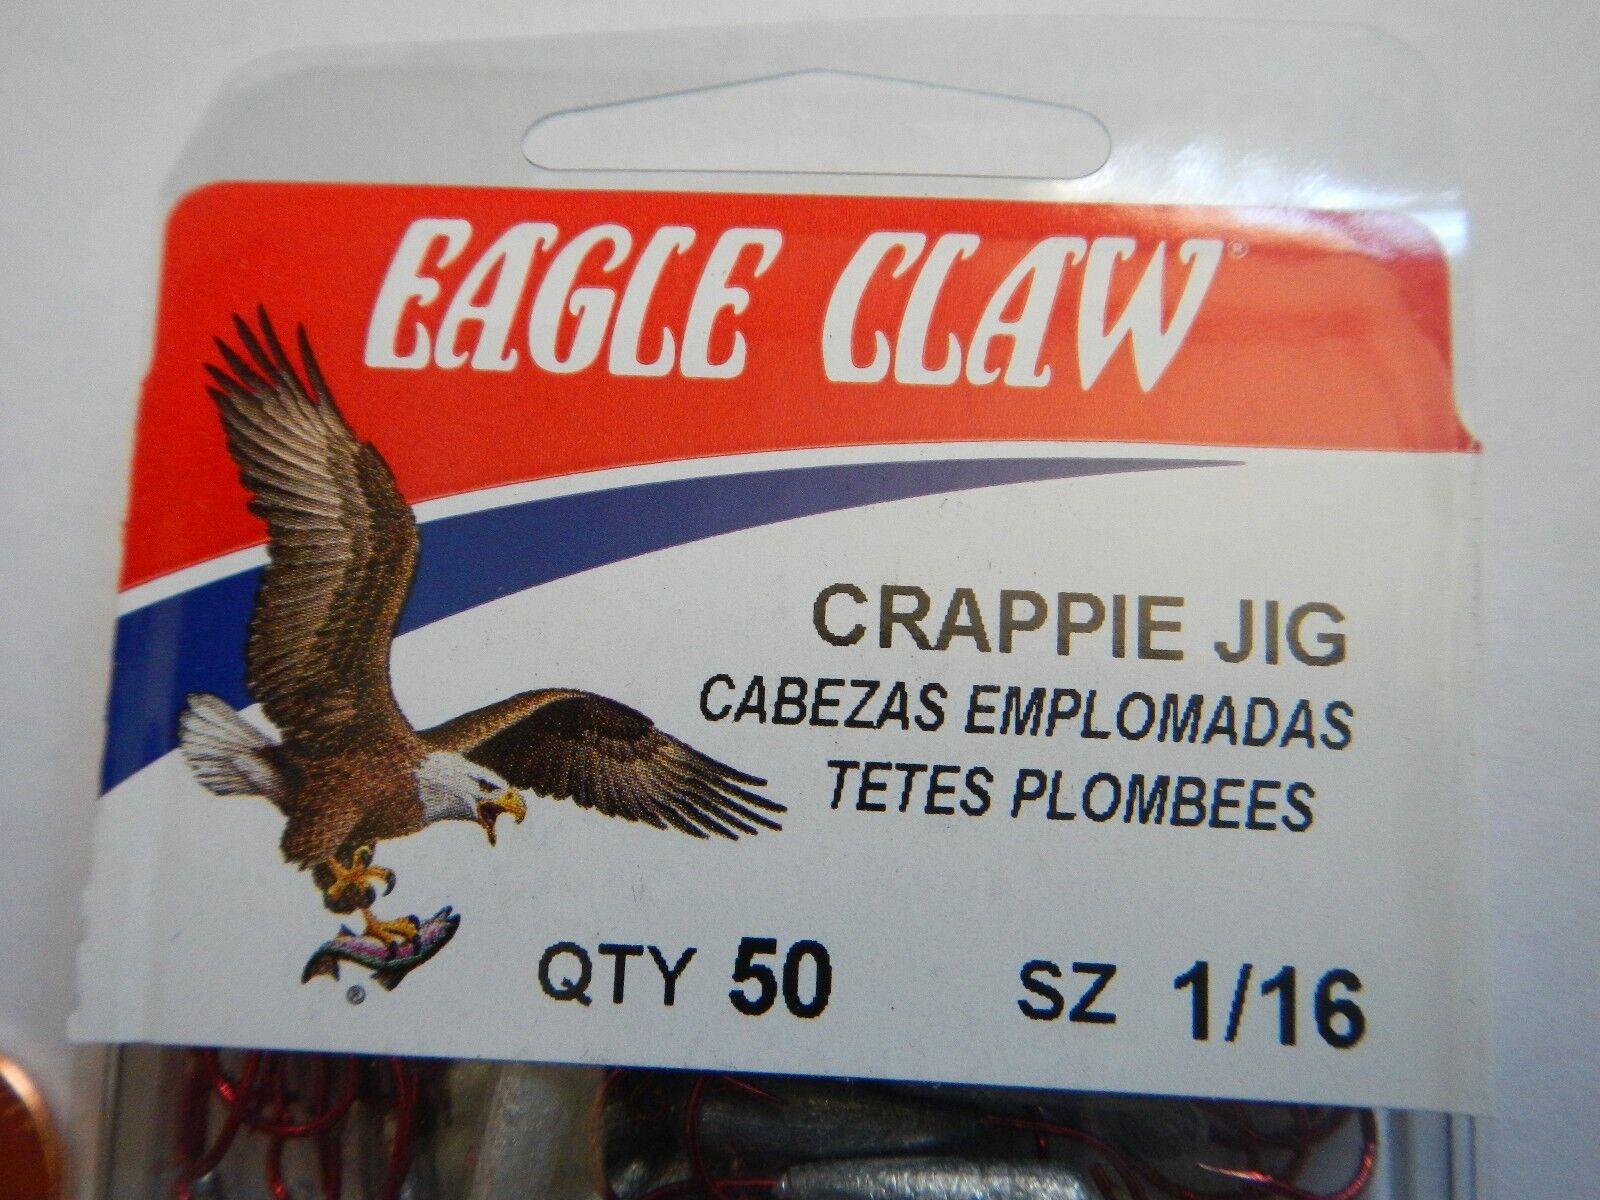 Eagle Claw Crappie Jig Assortment JC132ASSTAH